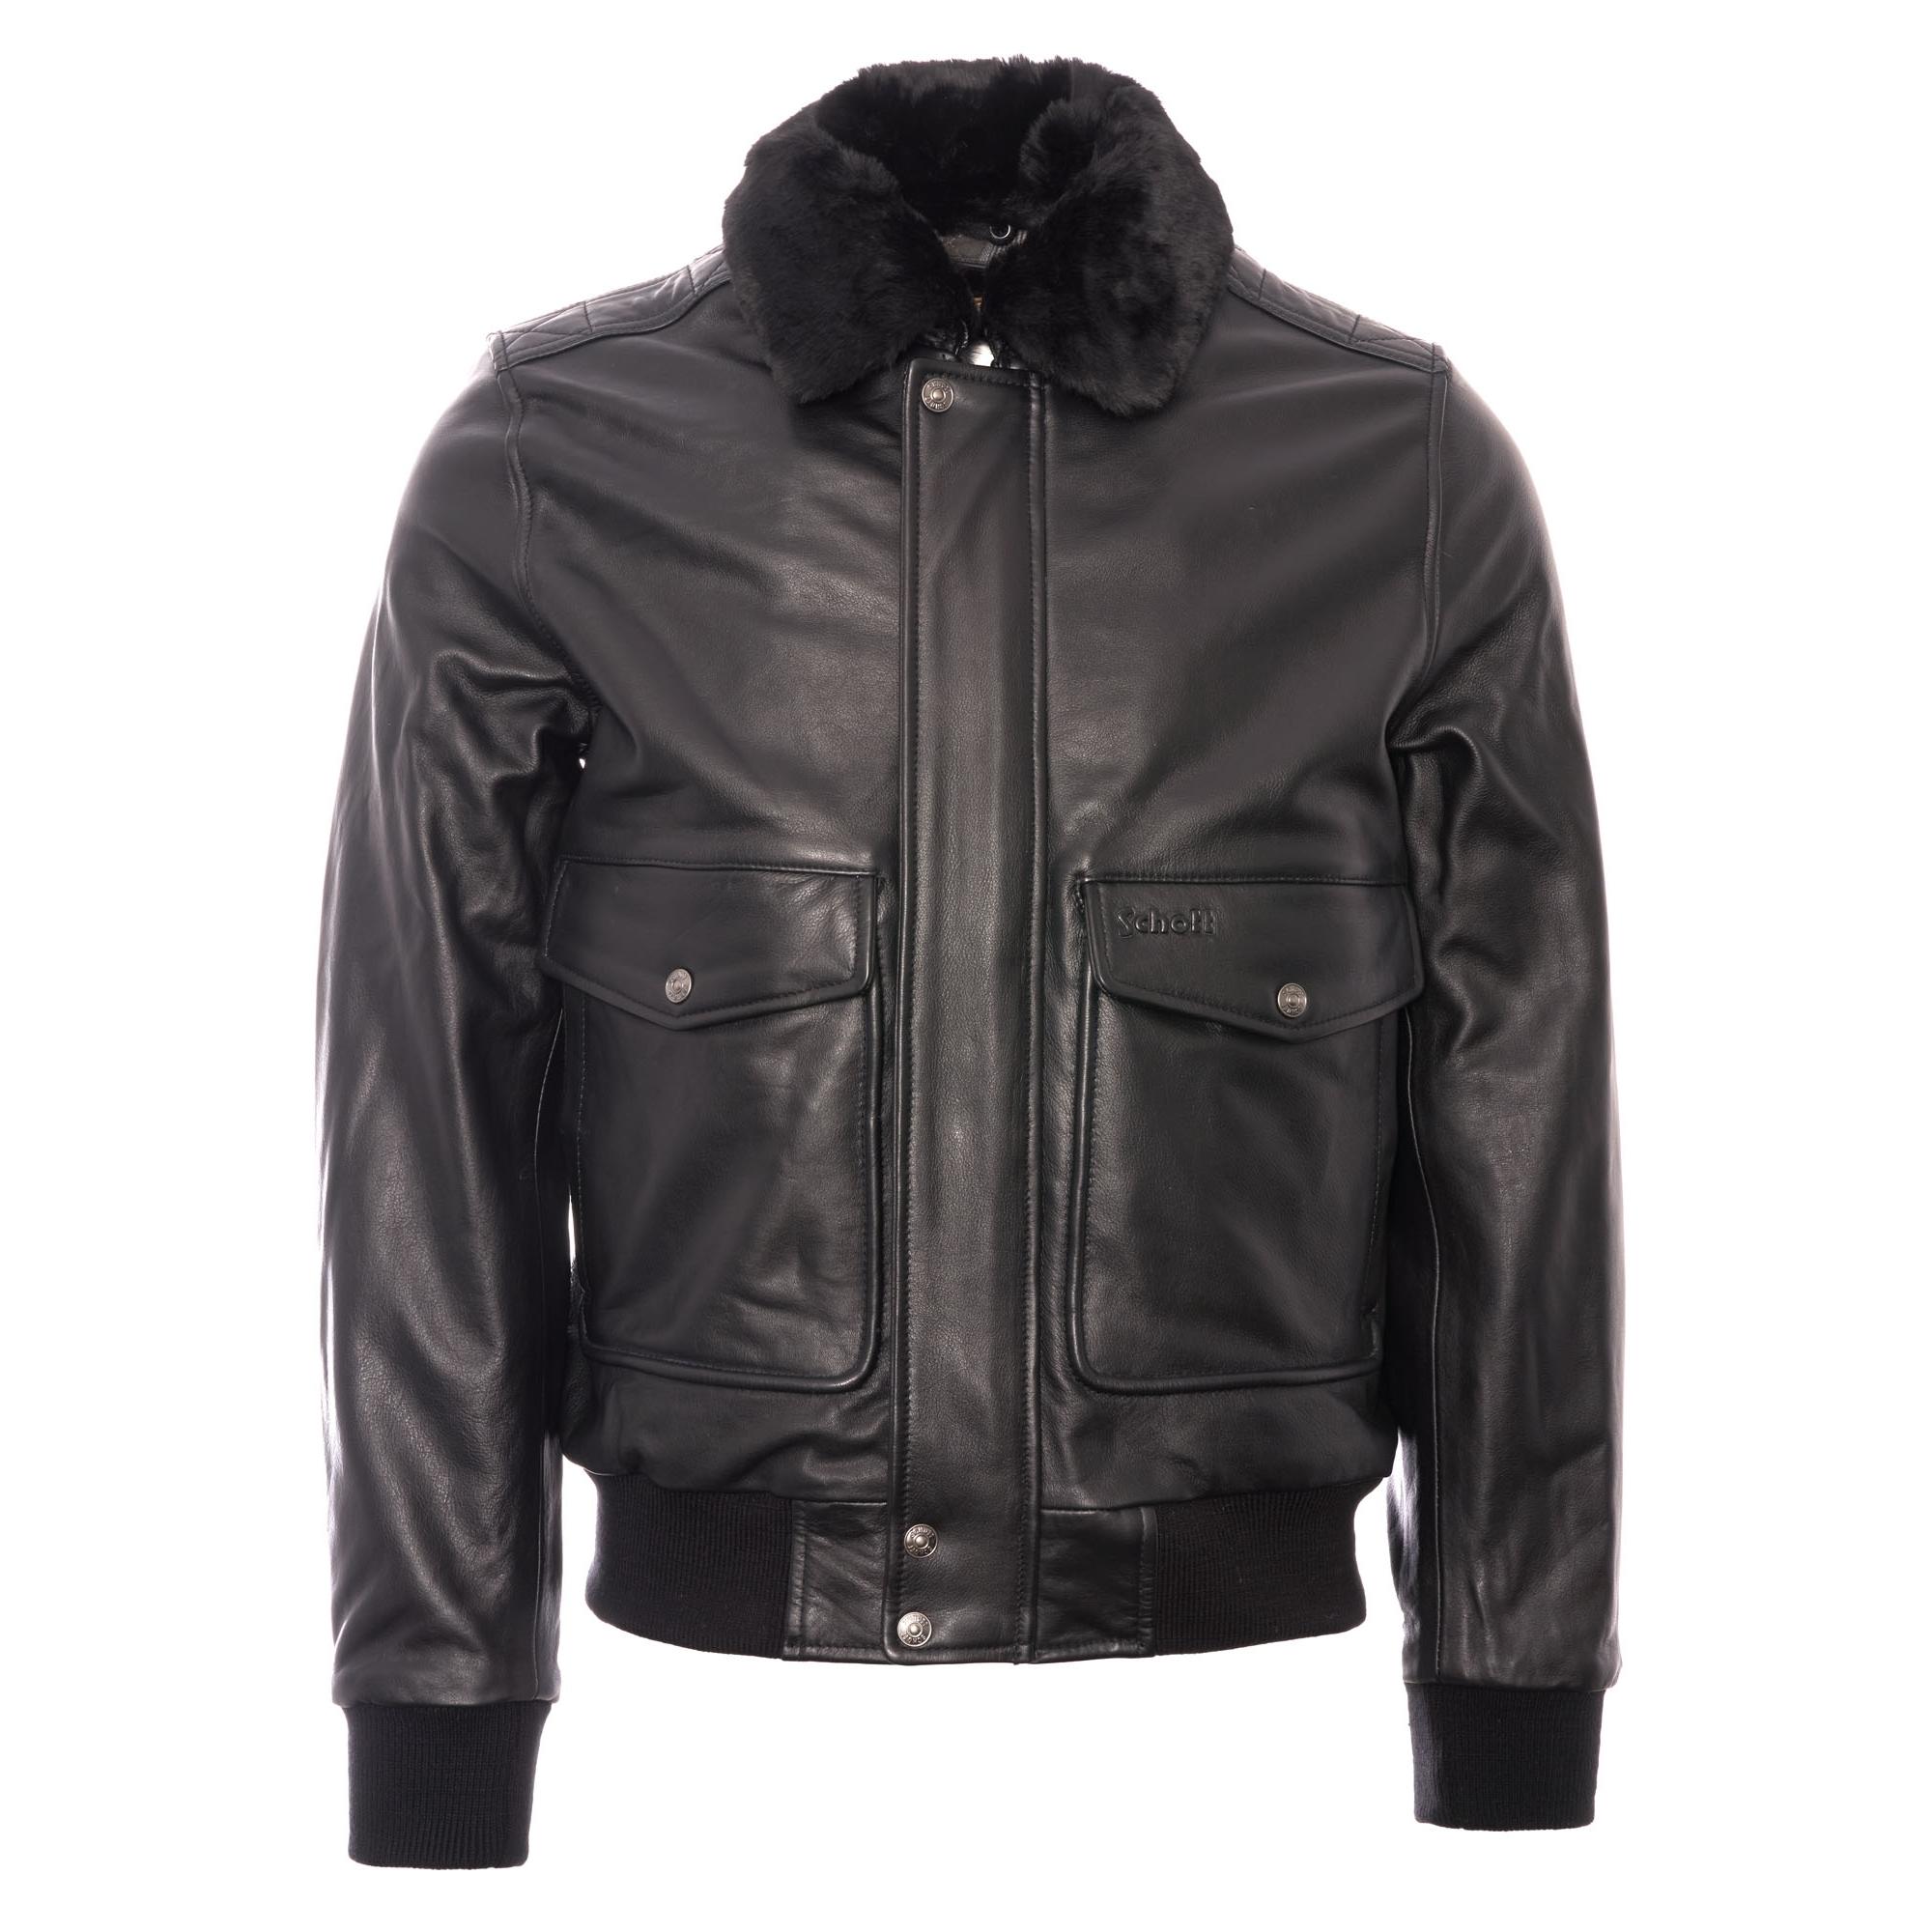 Jackets schott for men leather Schott Bros